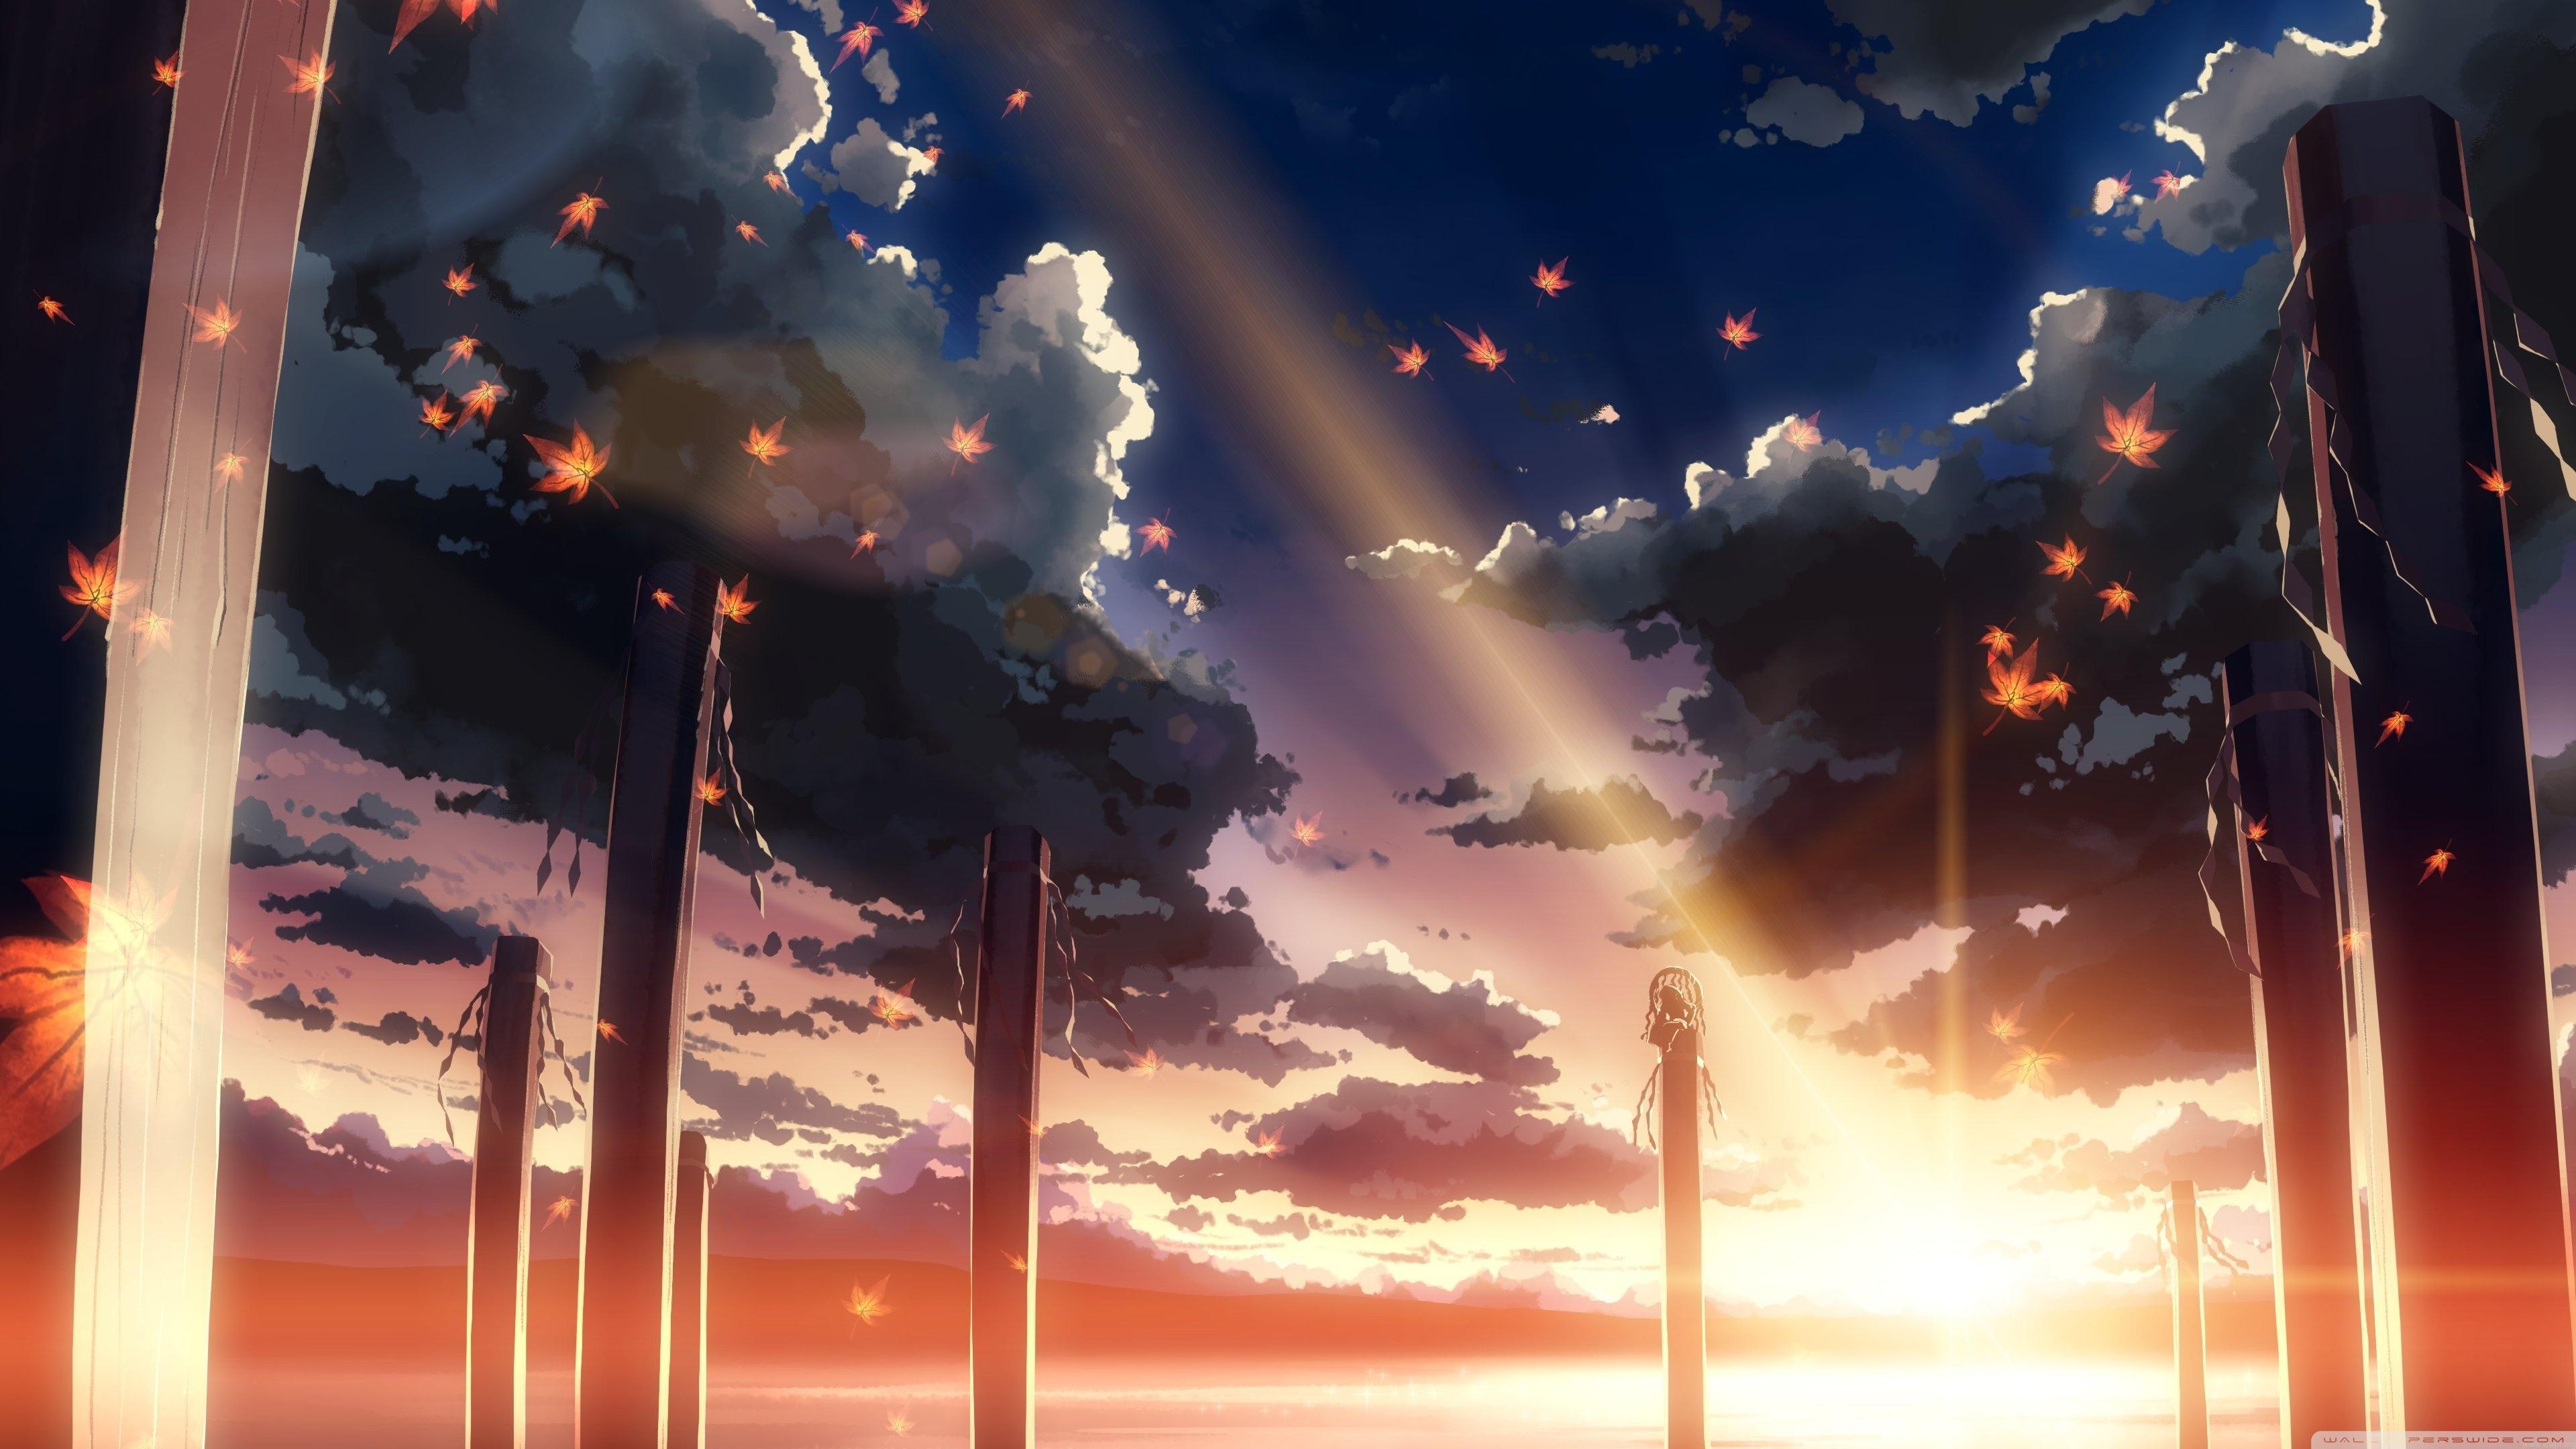 hình nền anime đẹp nhất 2019